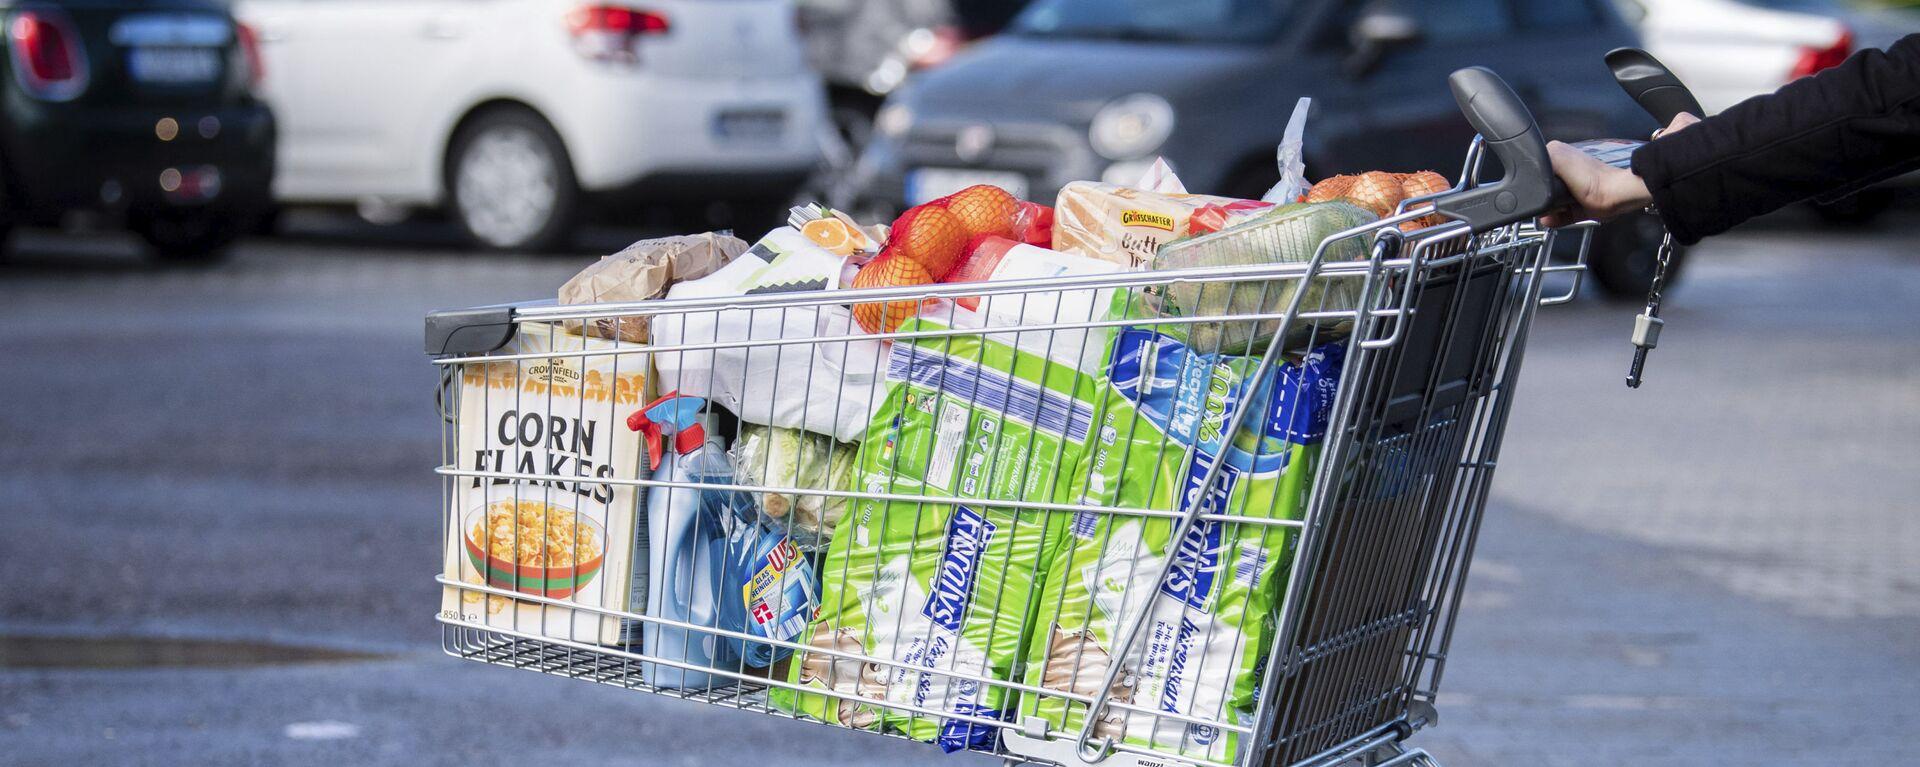 Покупатель с тележкой, наполненной продуктами в супермаркете в Германии - Sputnik Узбекистан, 1920, 24.03.2021